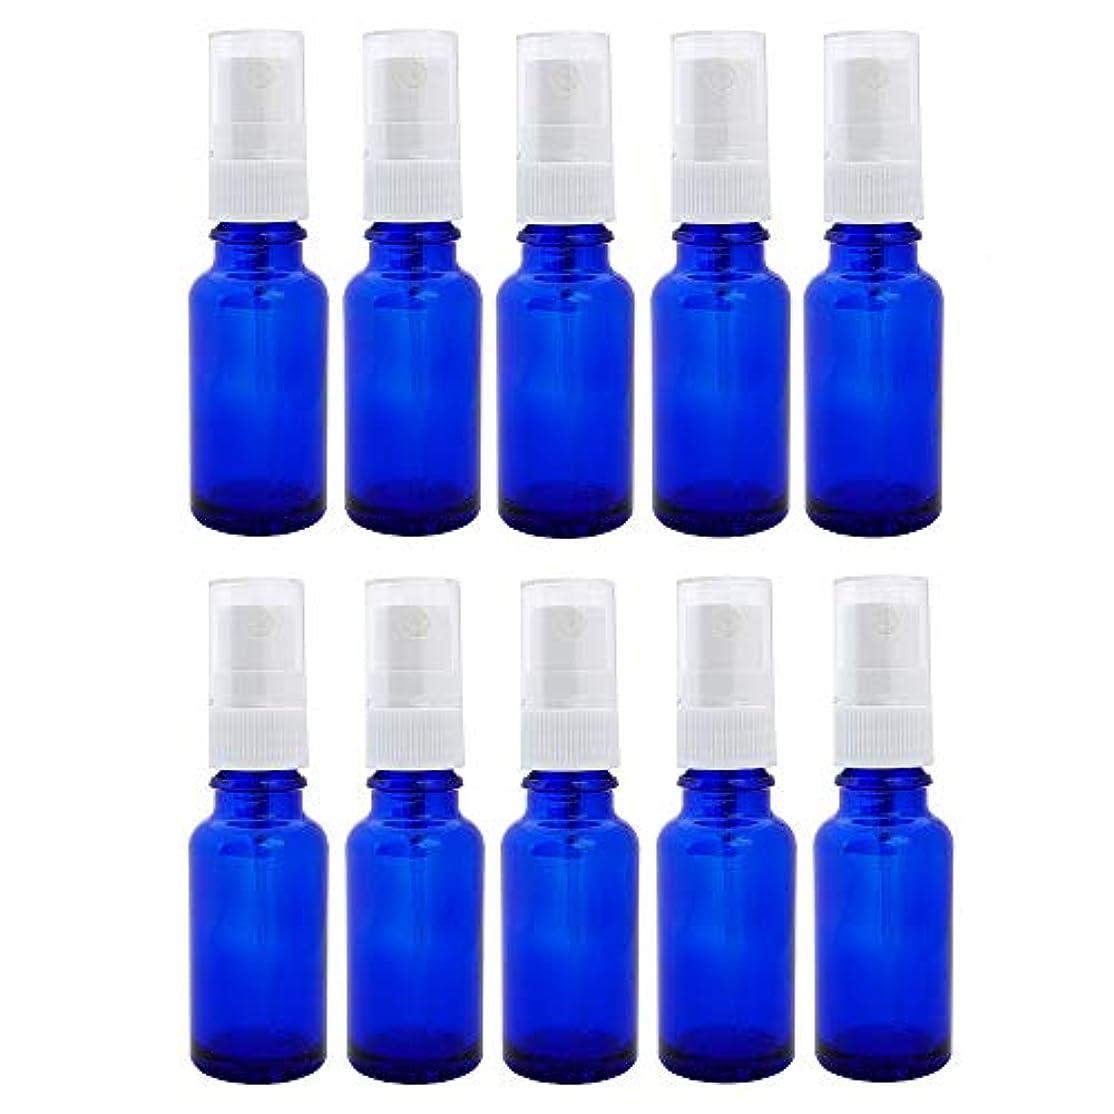 スプレー遮光ビン 20ml 瓶 10本セット ブルー(スプレーノズル キャップ付)